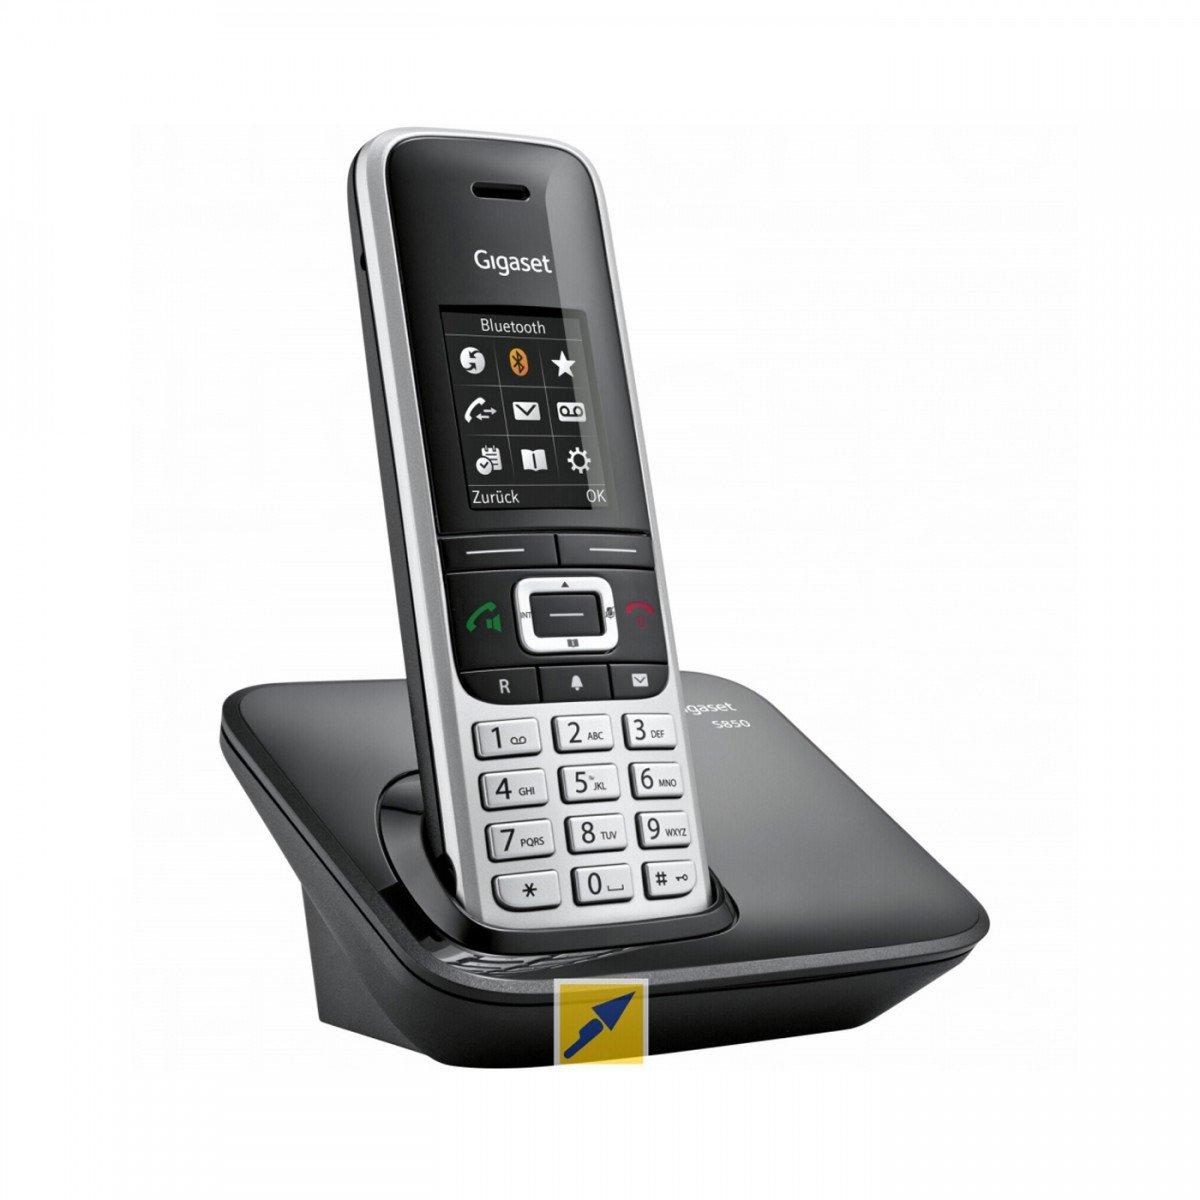 Gigaset S850A GO Té lé phone sans Fil/té lé phone VoIP - ré pondeur - Interface Bluetooth avec Affichage du numé ro de Appel - DECT\Gap - 2 Lignes S30852-H2625-C101